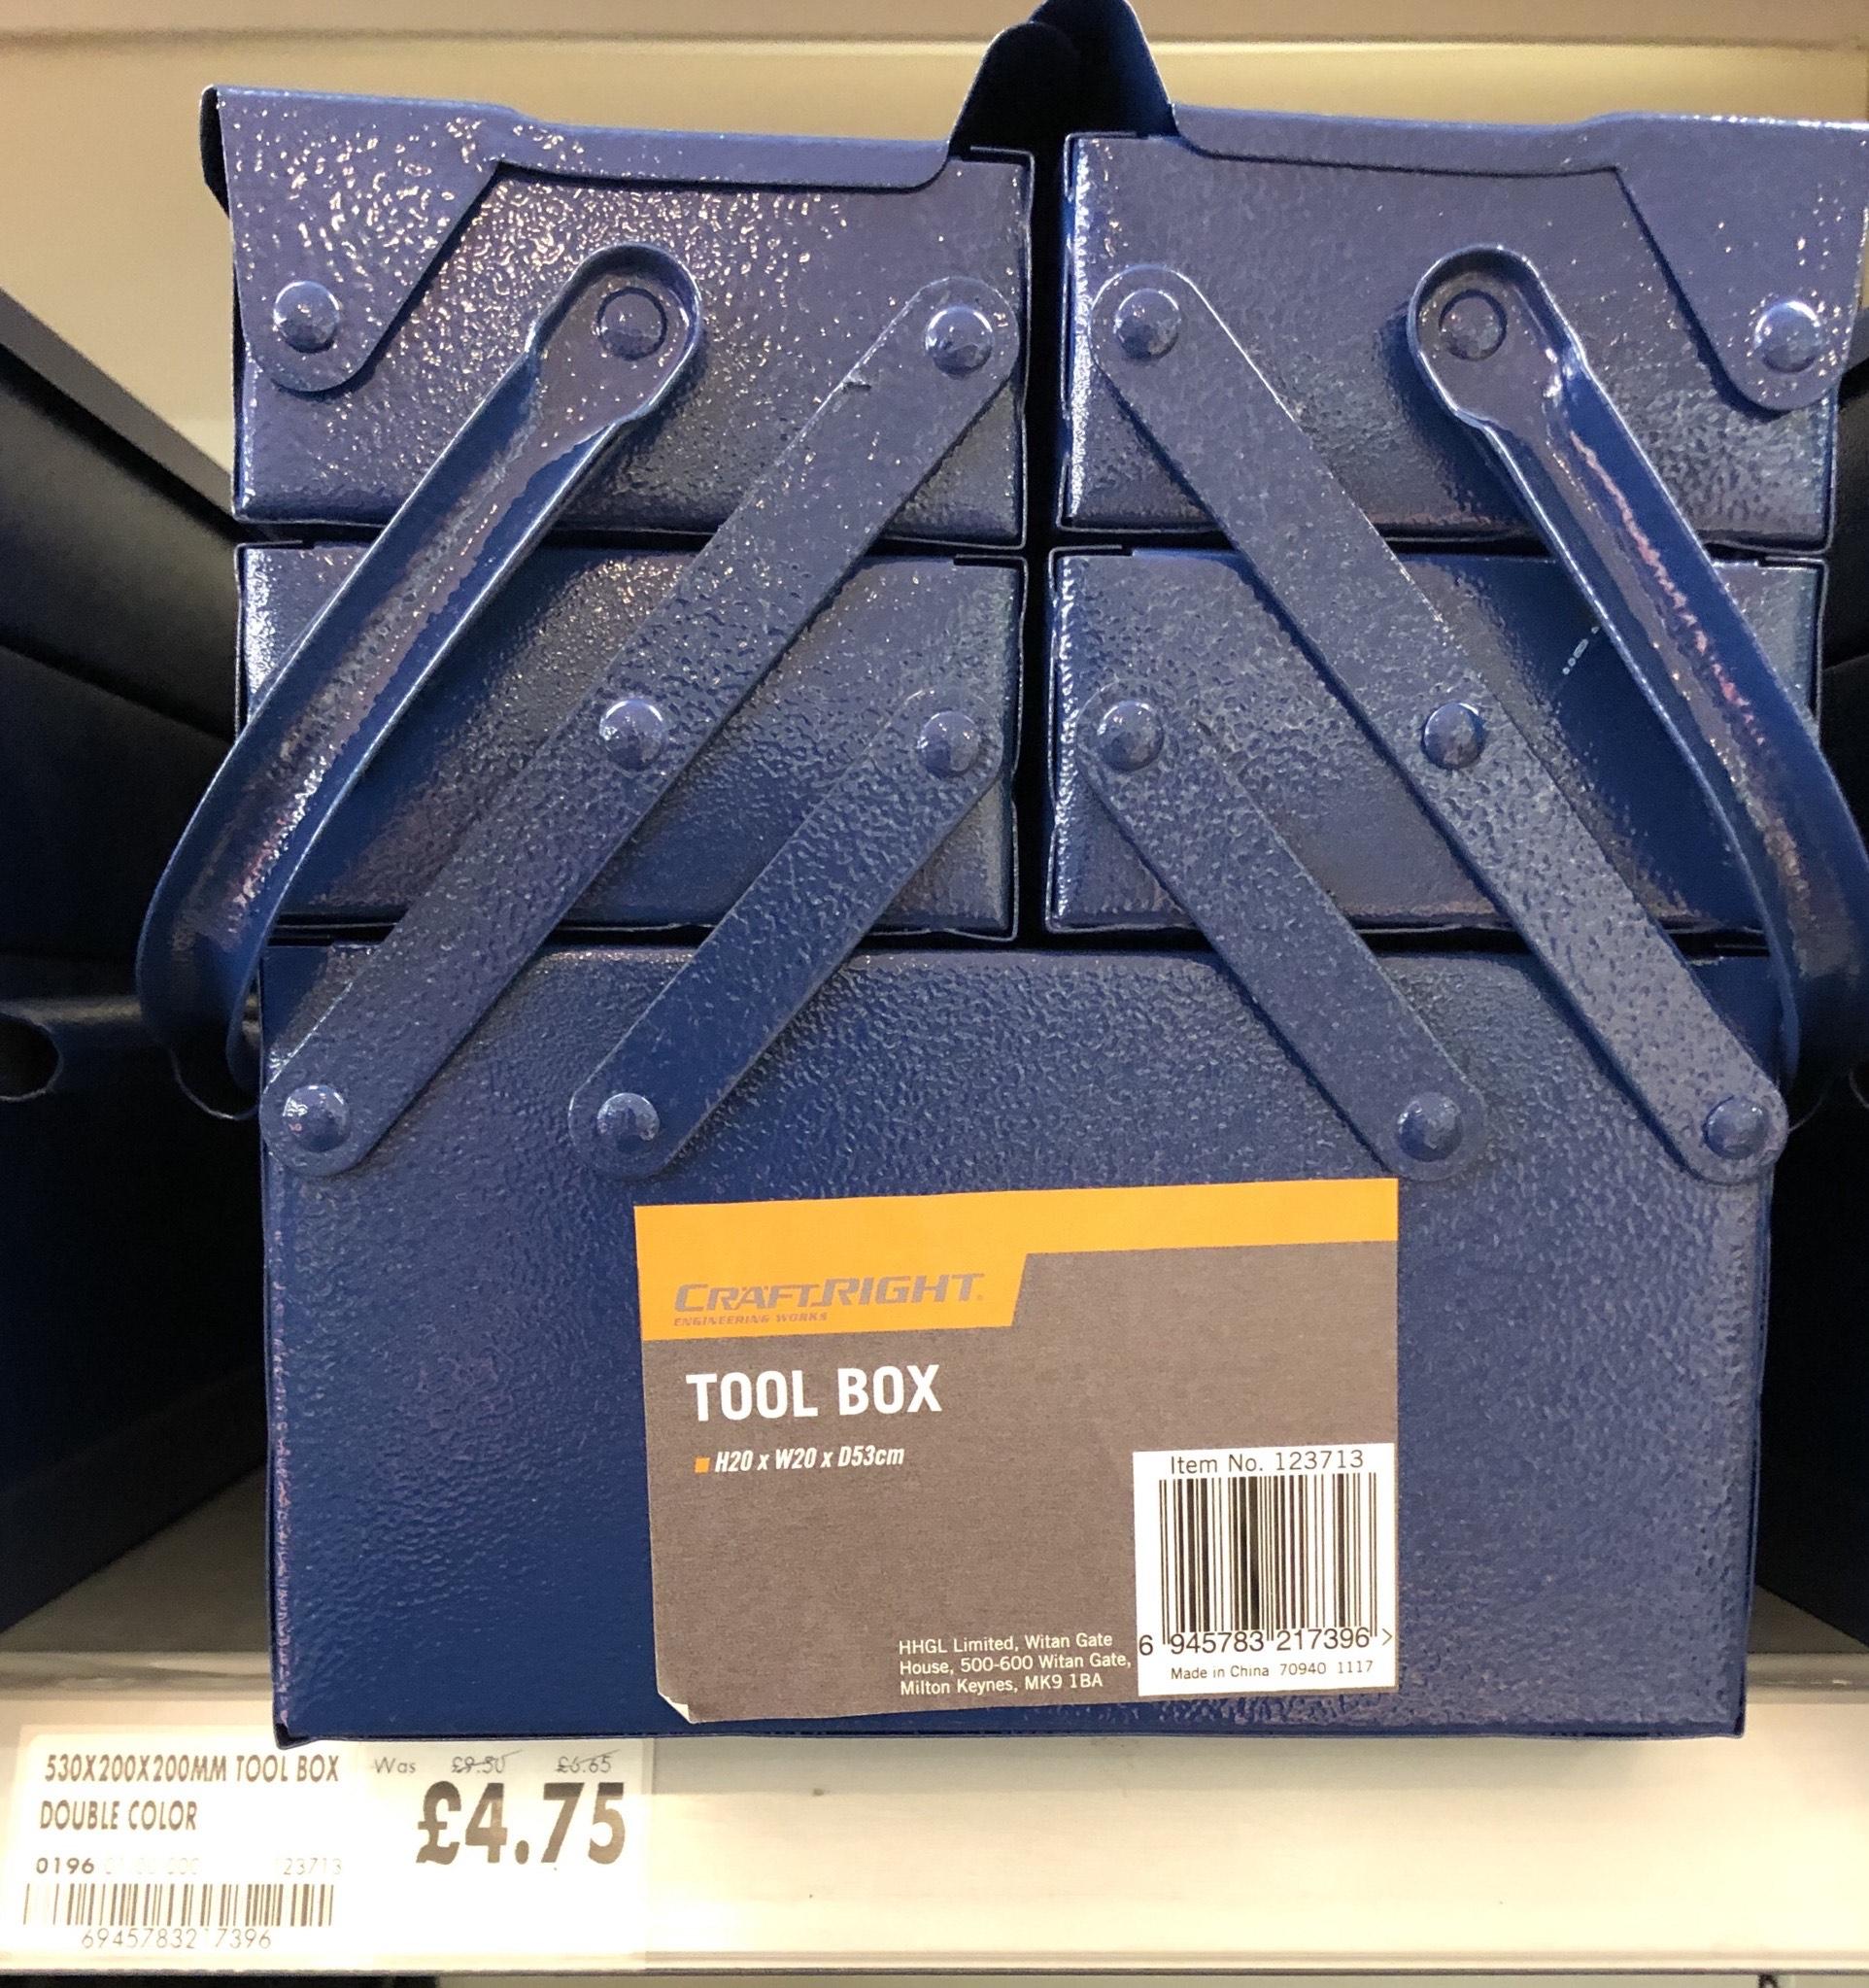 Craftright Tool Box - £4.75 at Homebase